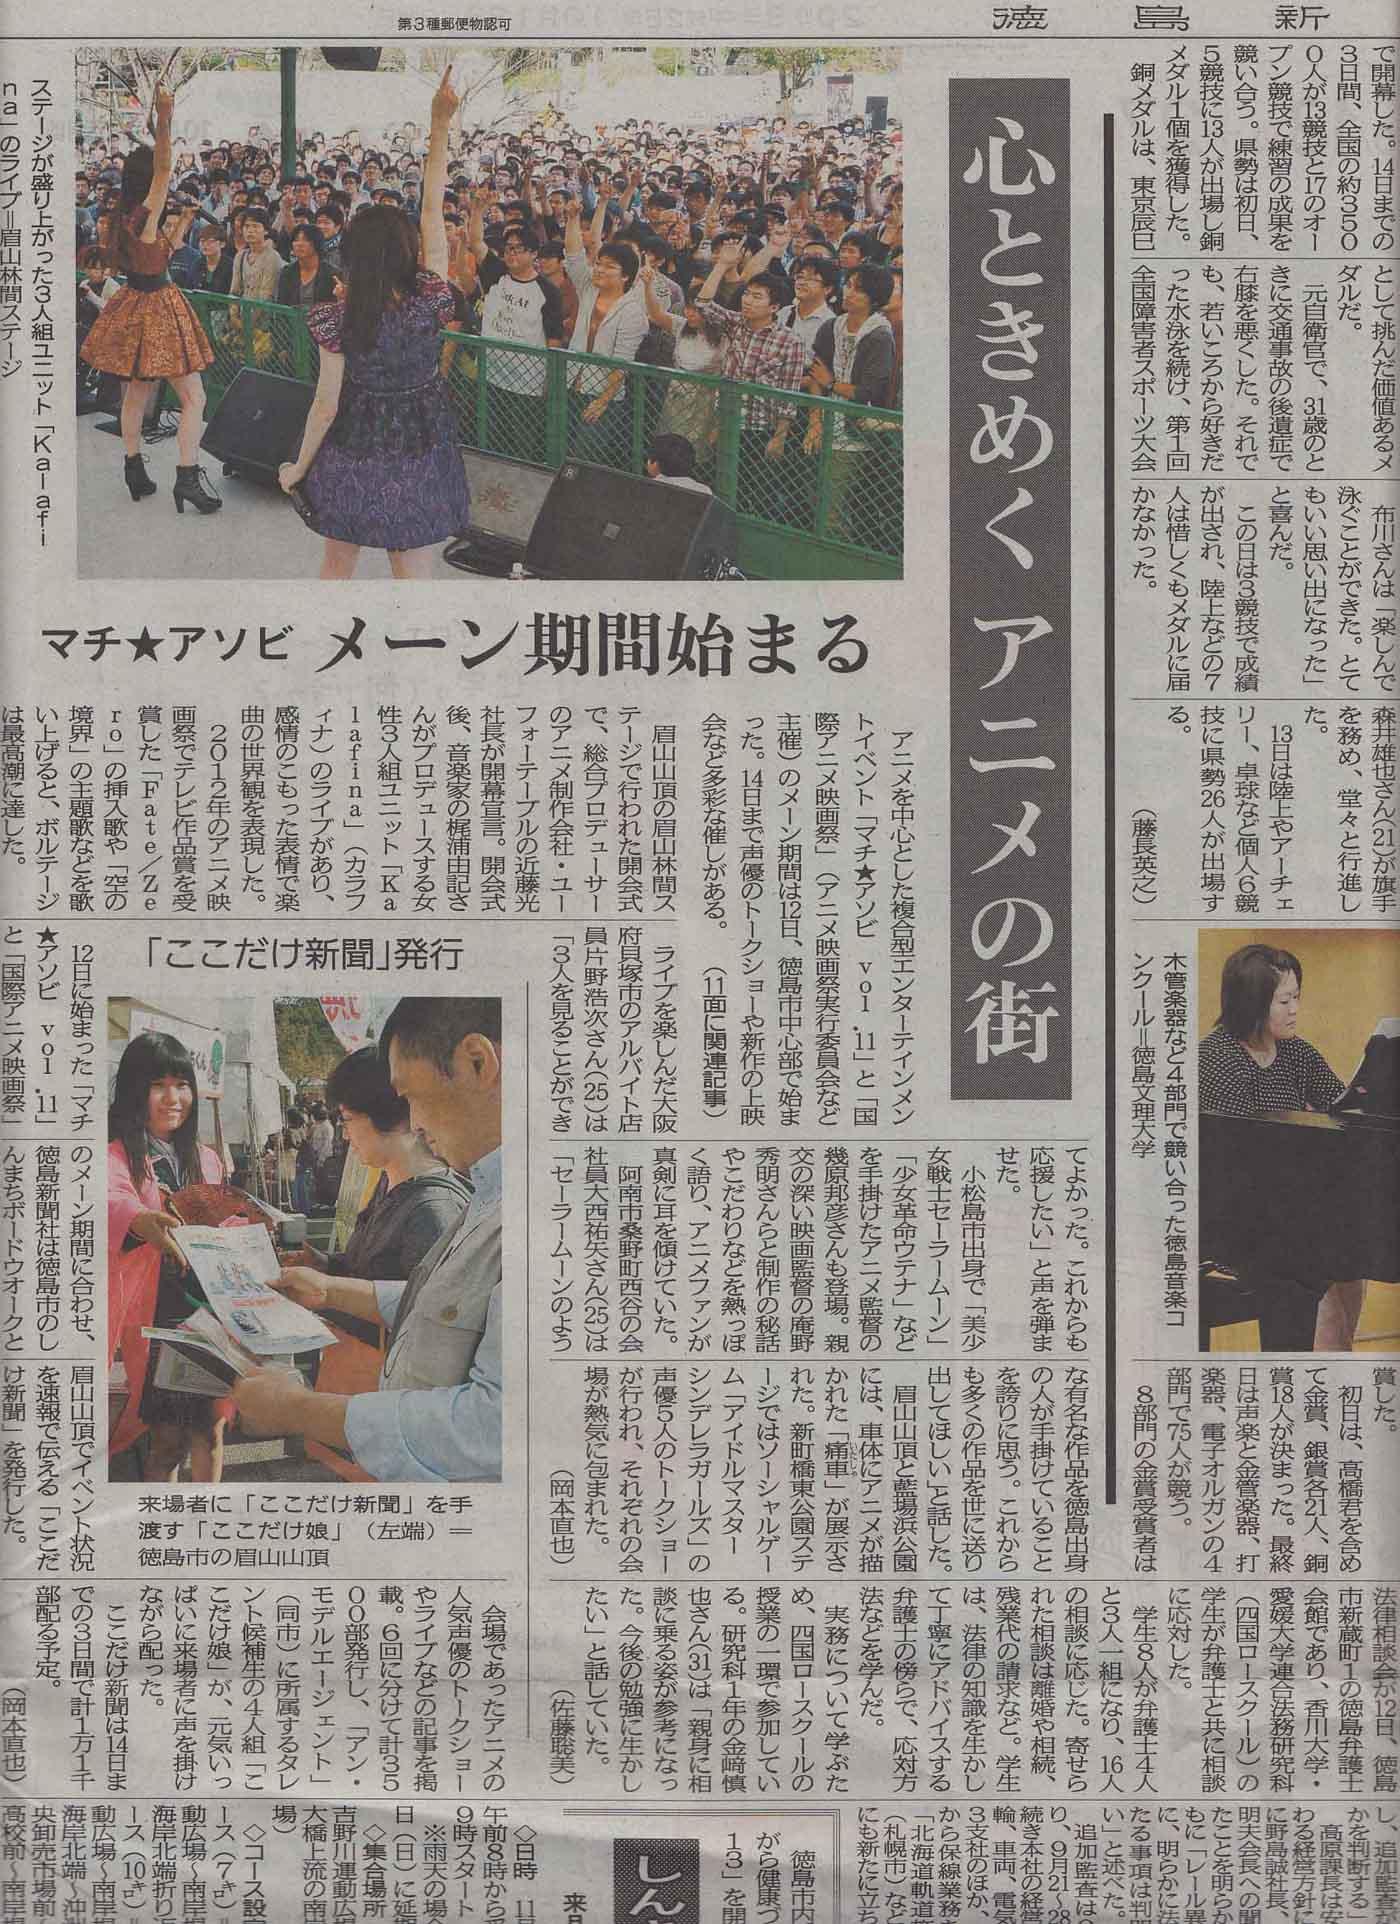 마치아소비 Vol.11 관련 신문 기사 사진